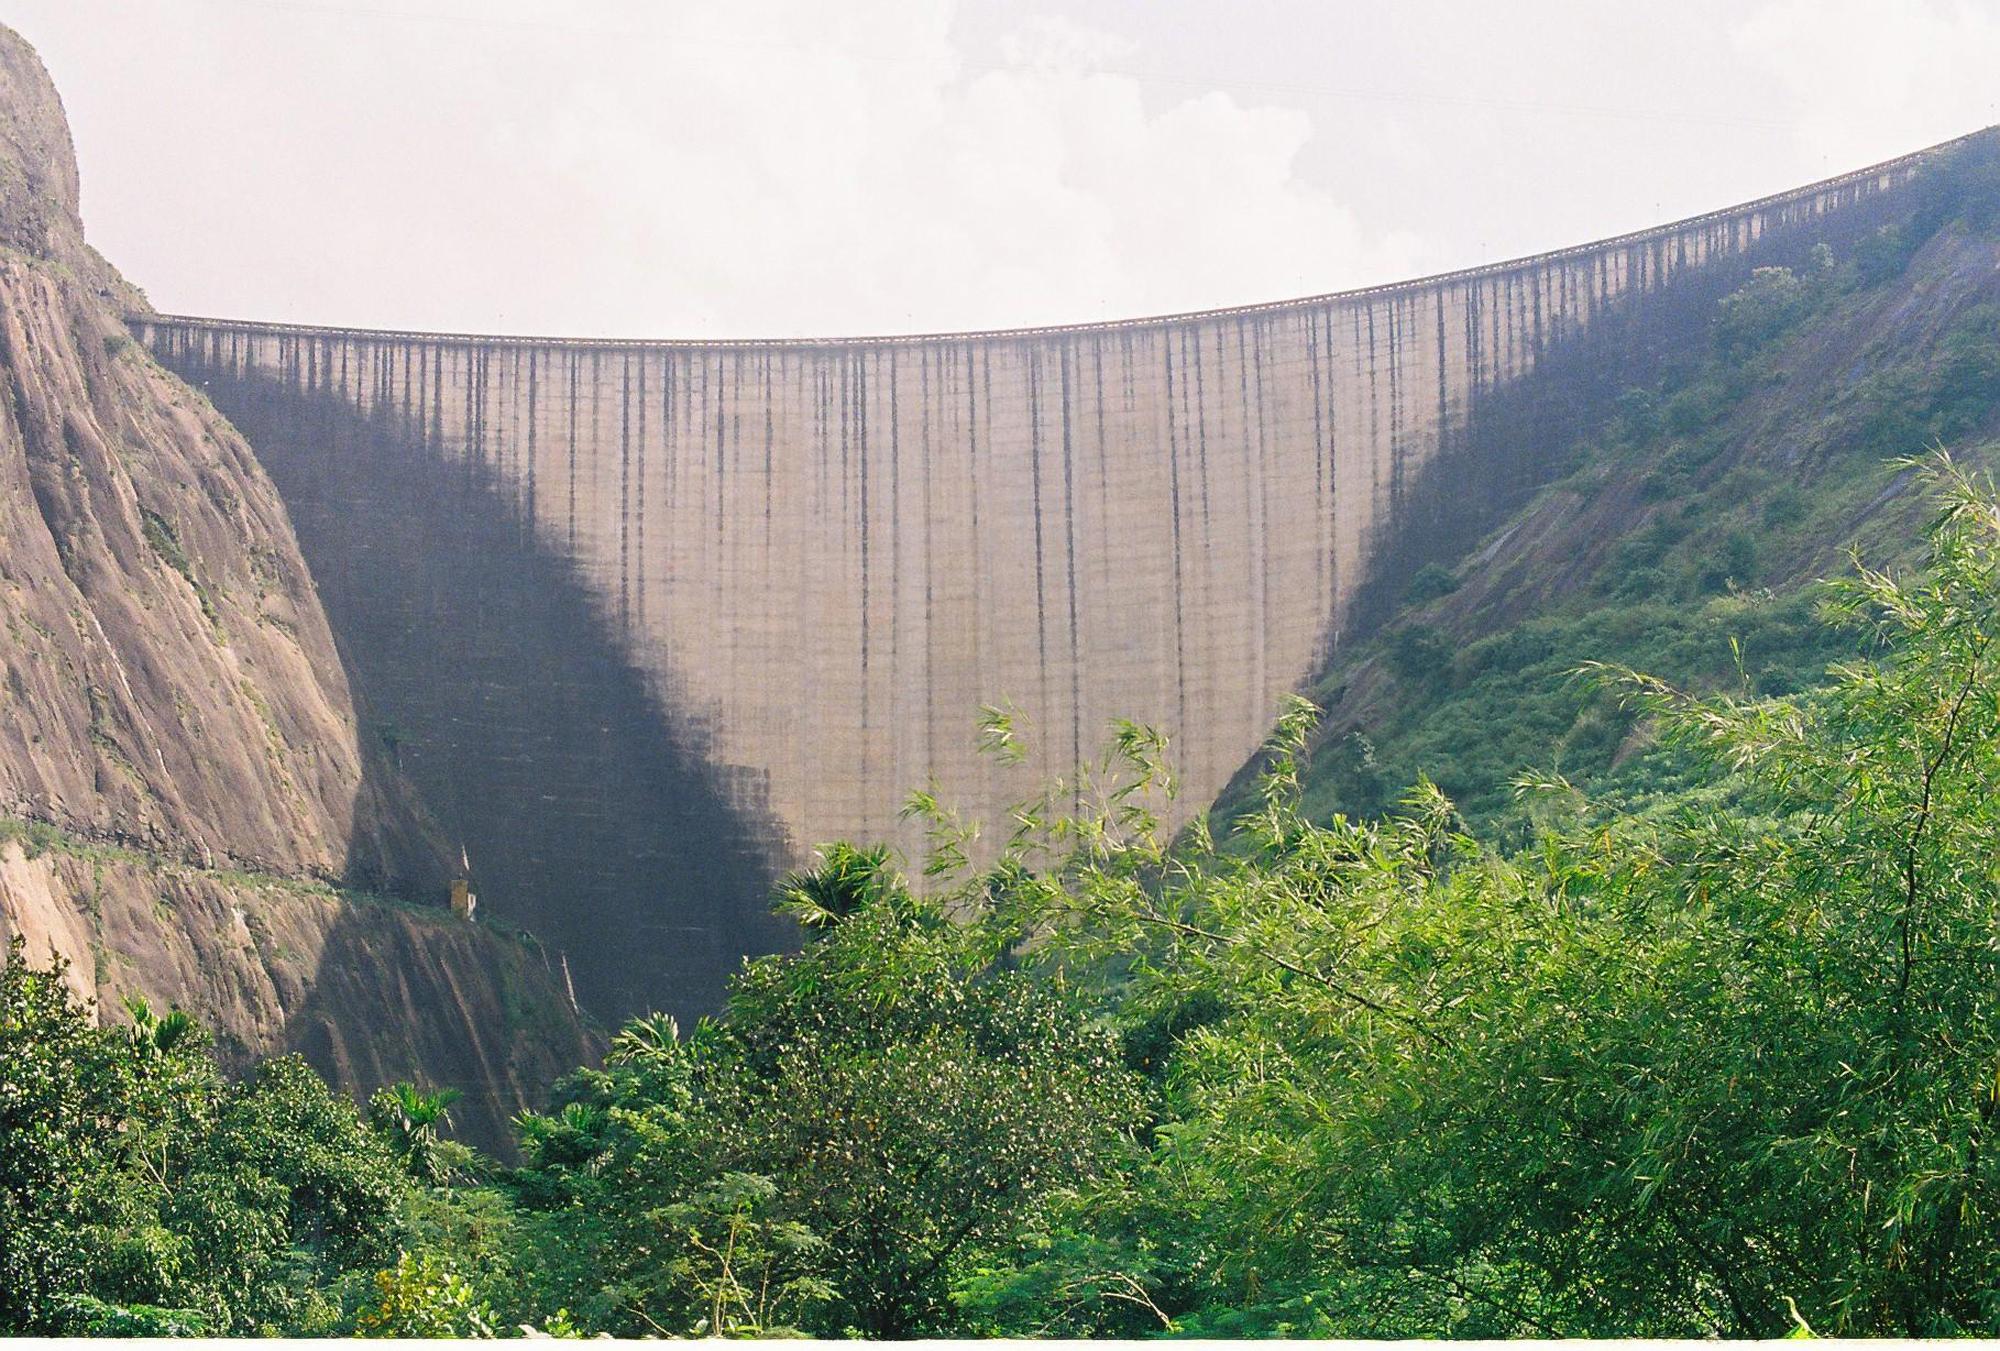 Downstream, Idukki Arch Dam